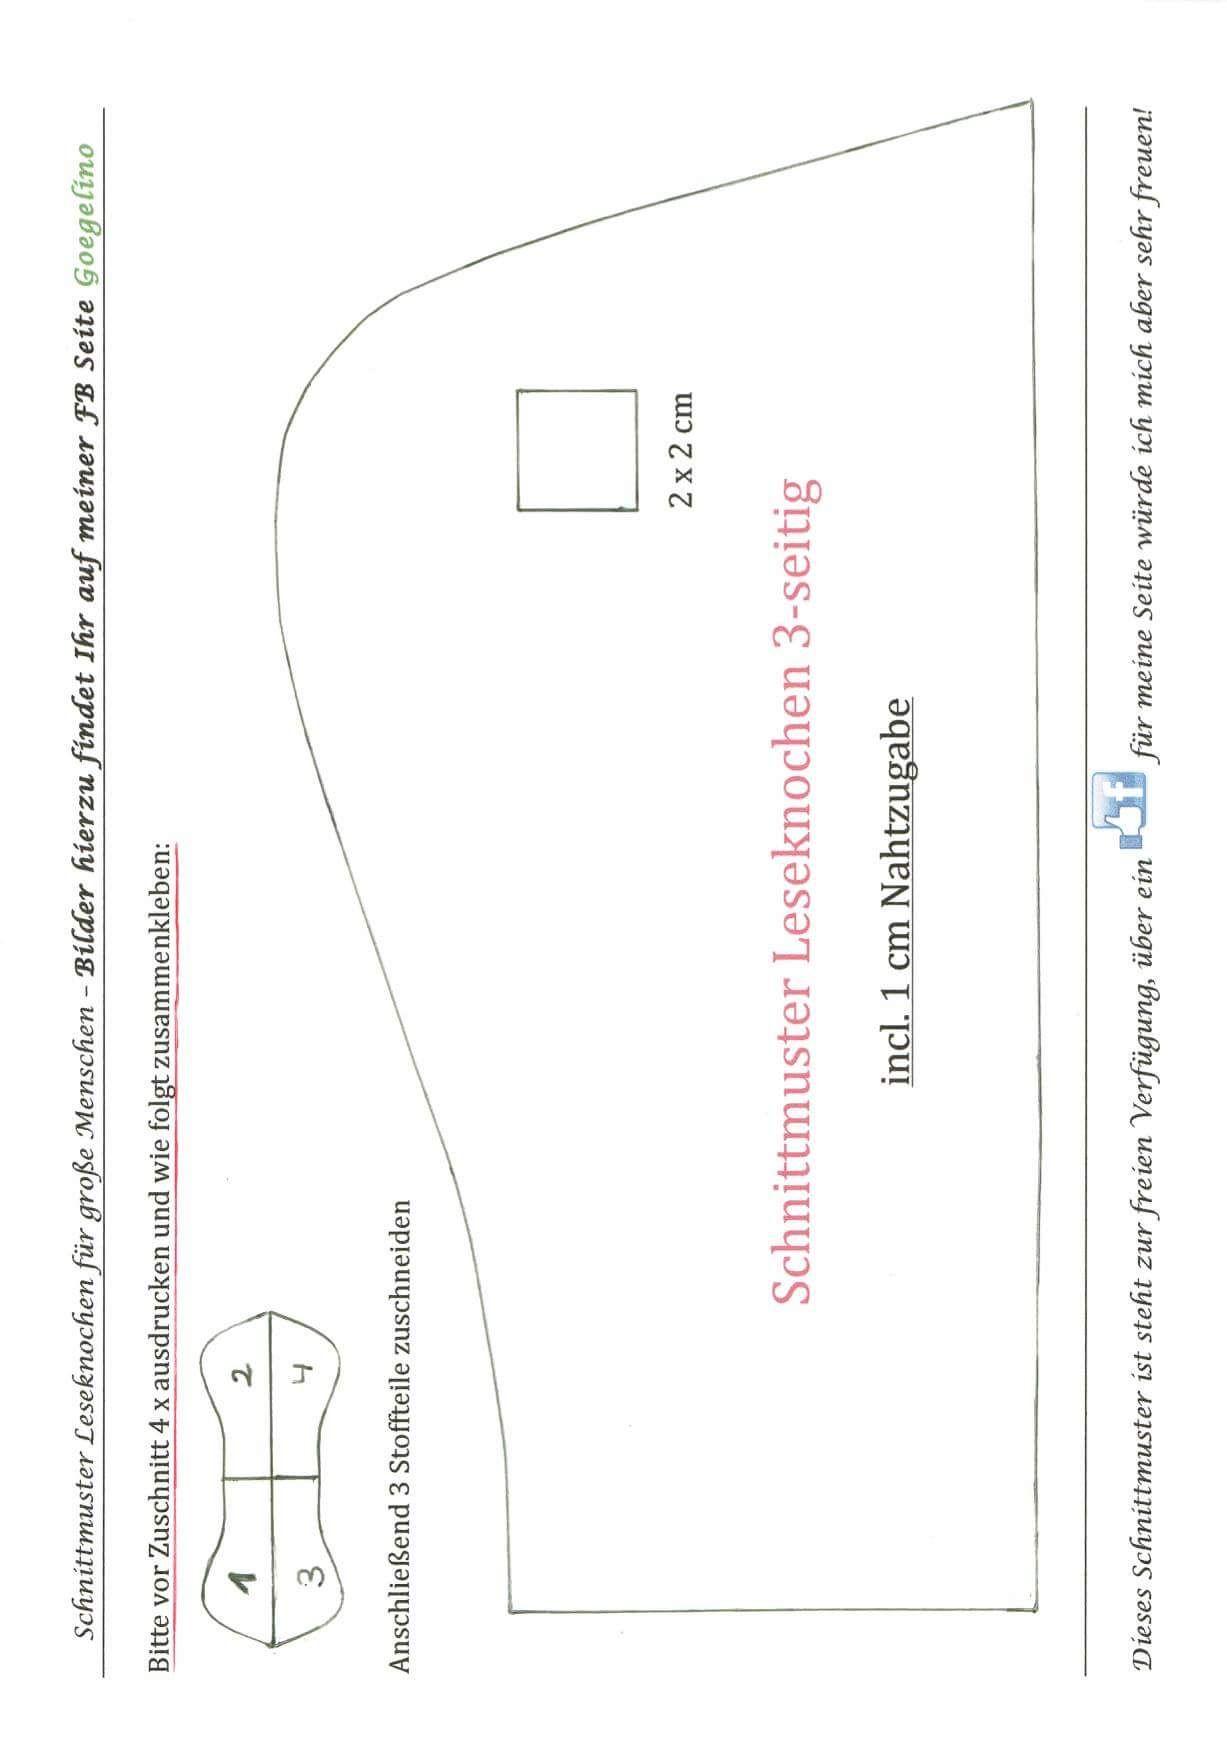 Pin de Conchi en Patrones | Pinterest | Costura, Patrones y Cojines